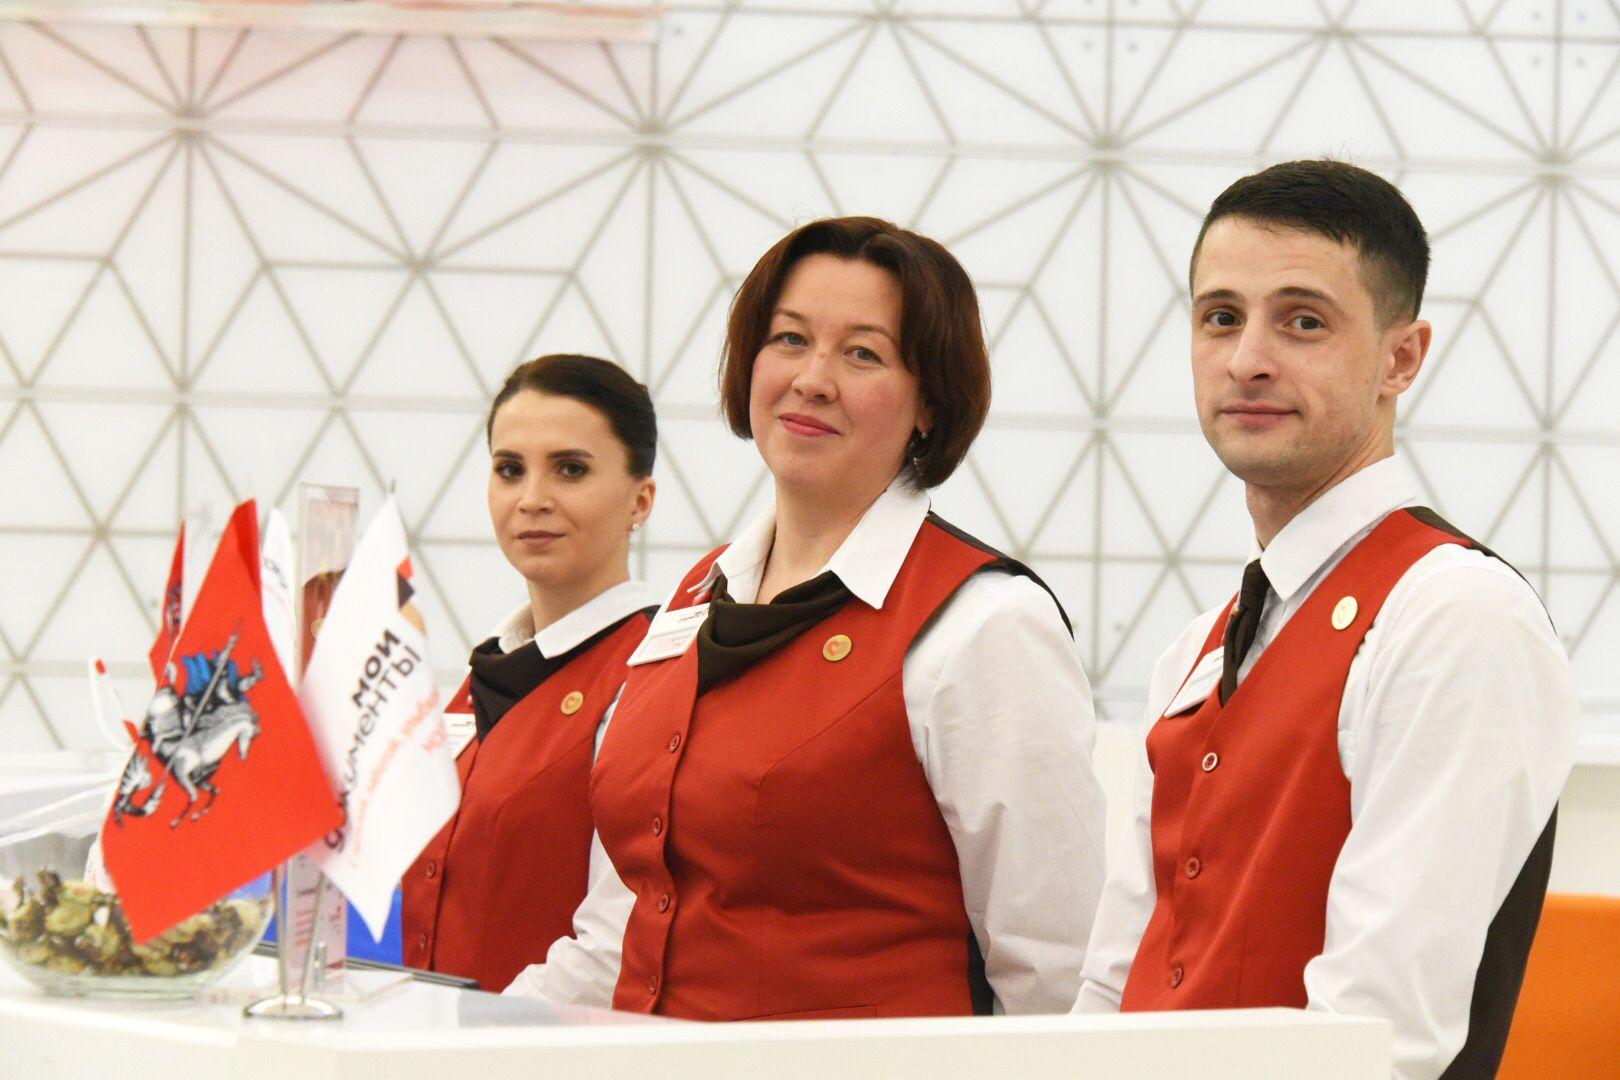 Московские центры госуслуг проведут бесплатные занятия